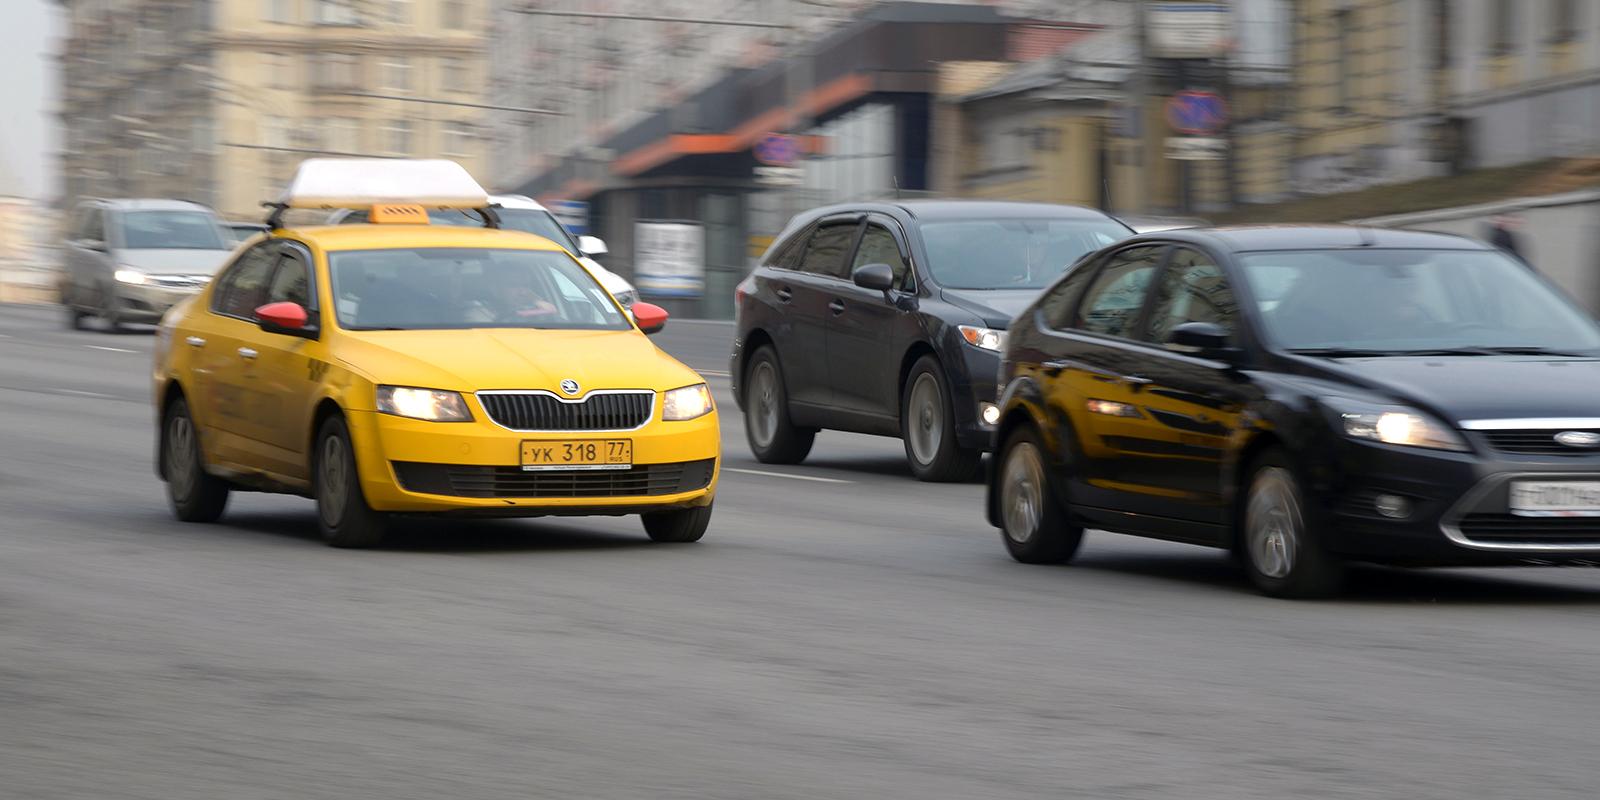 Получить разрешение на работу такси теперь можно онлайн